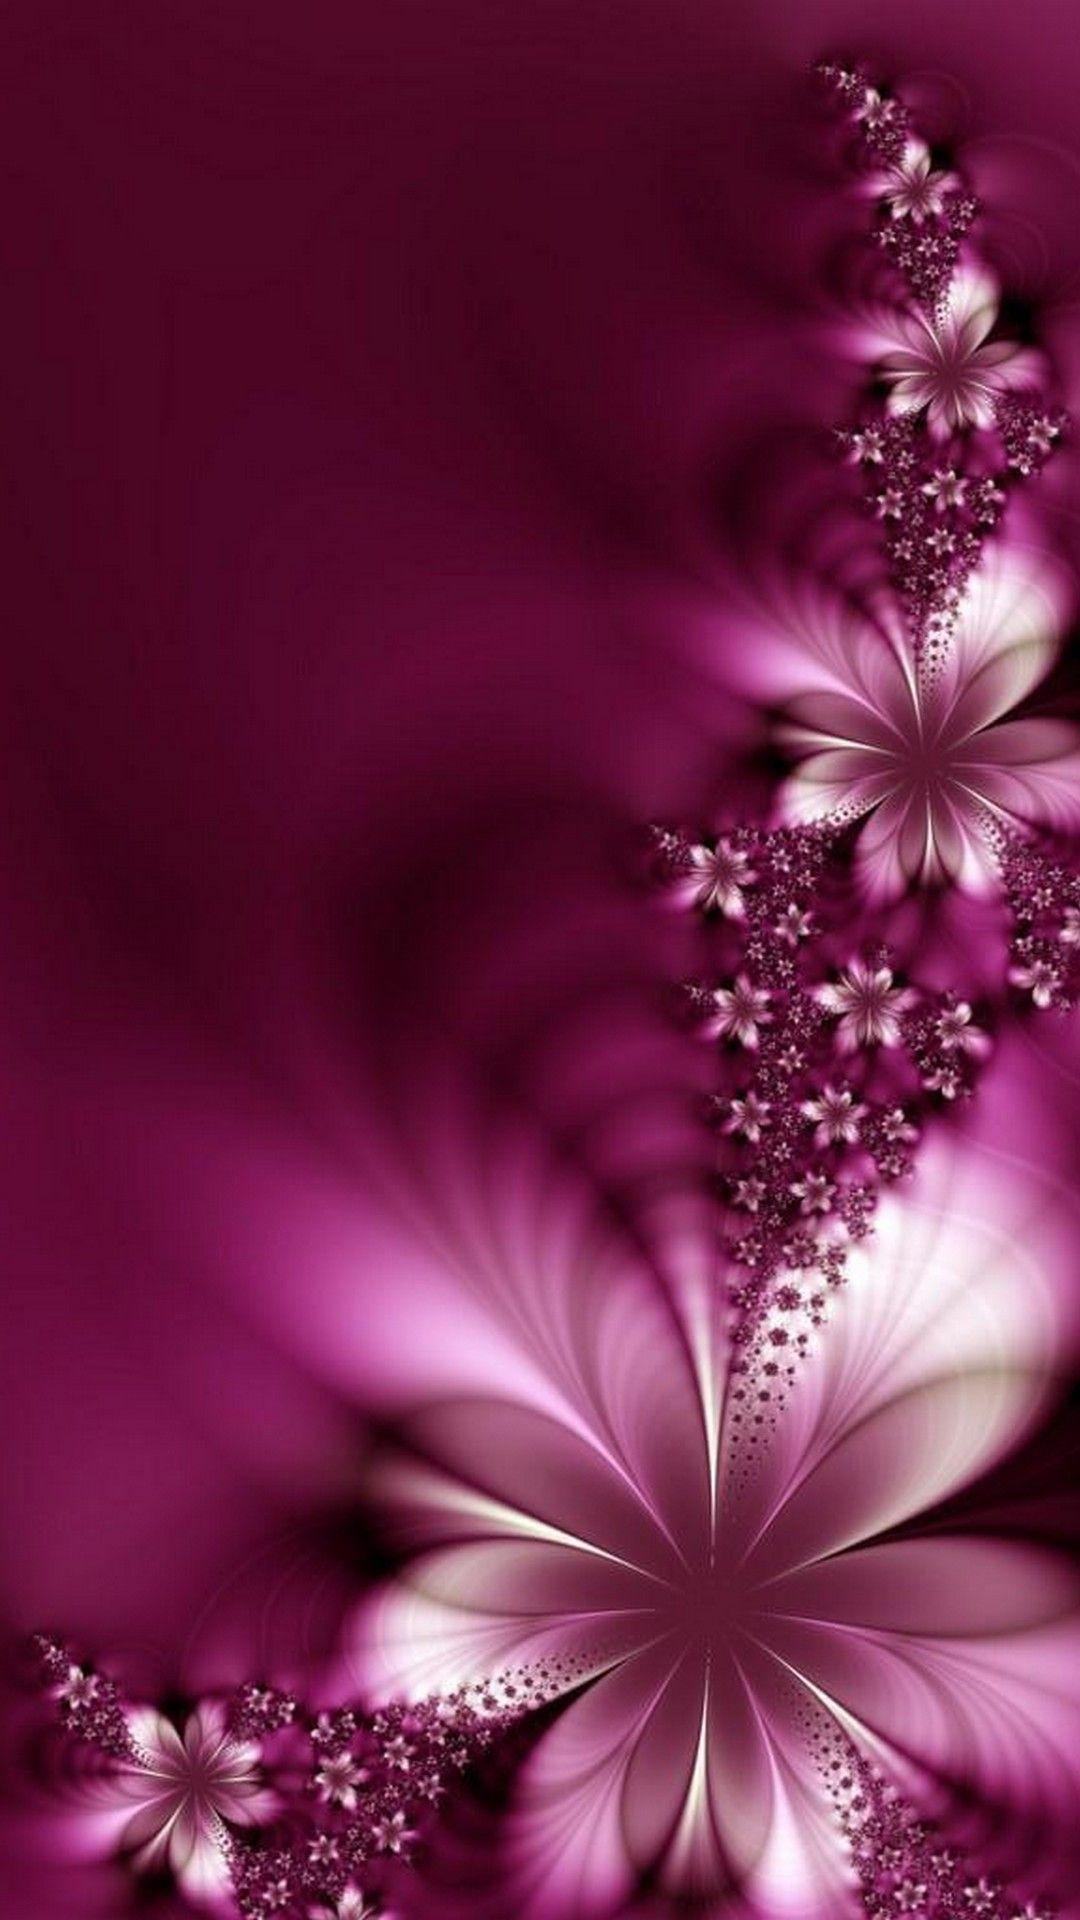 Flower 3D Wallpapers - Wallpaper Cave